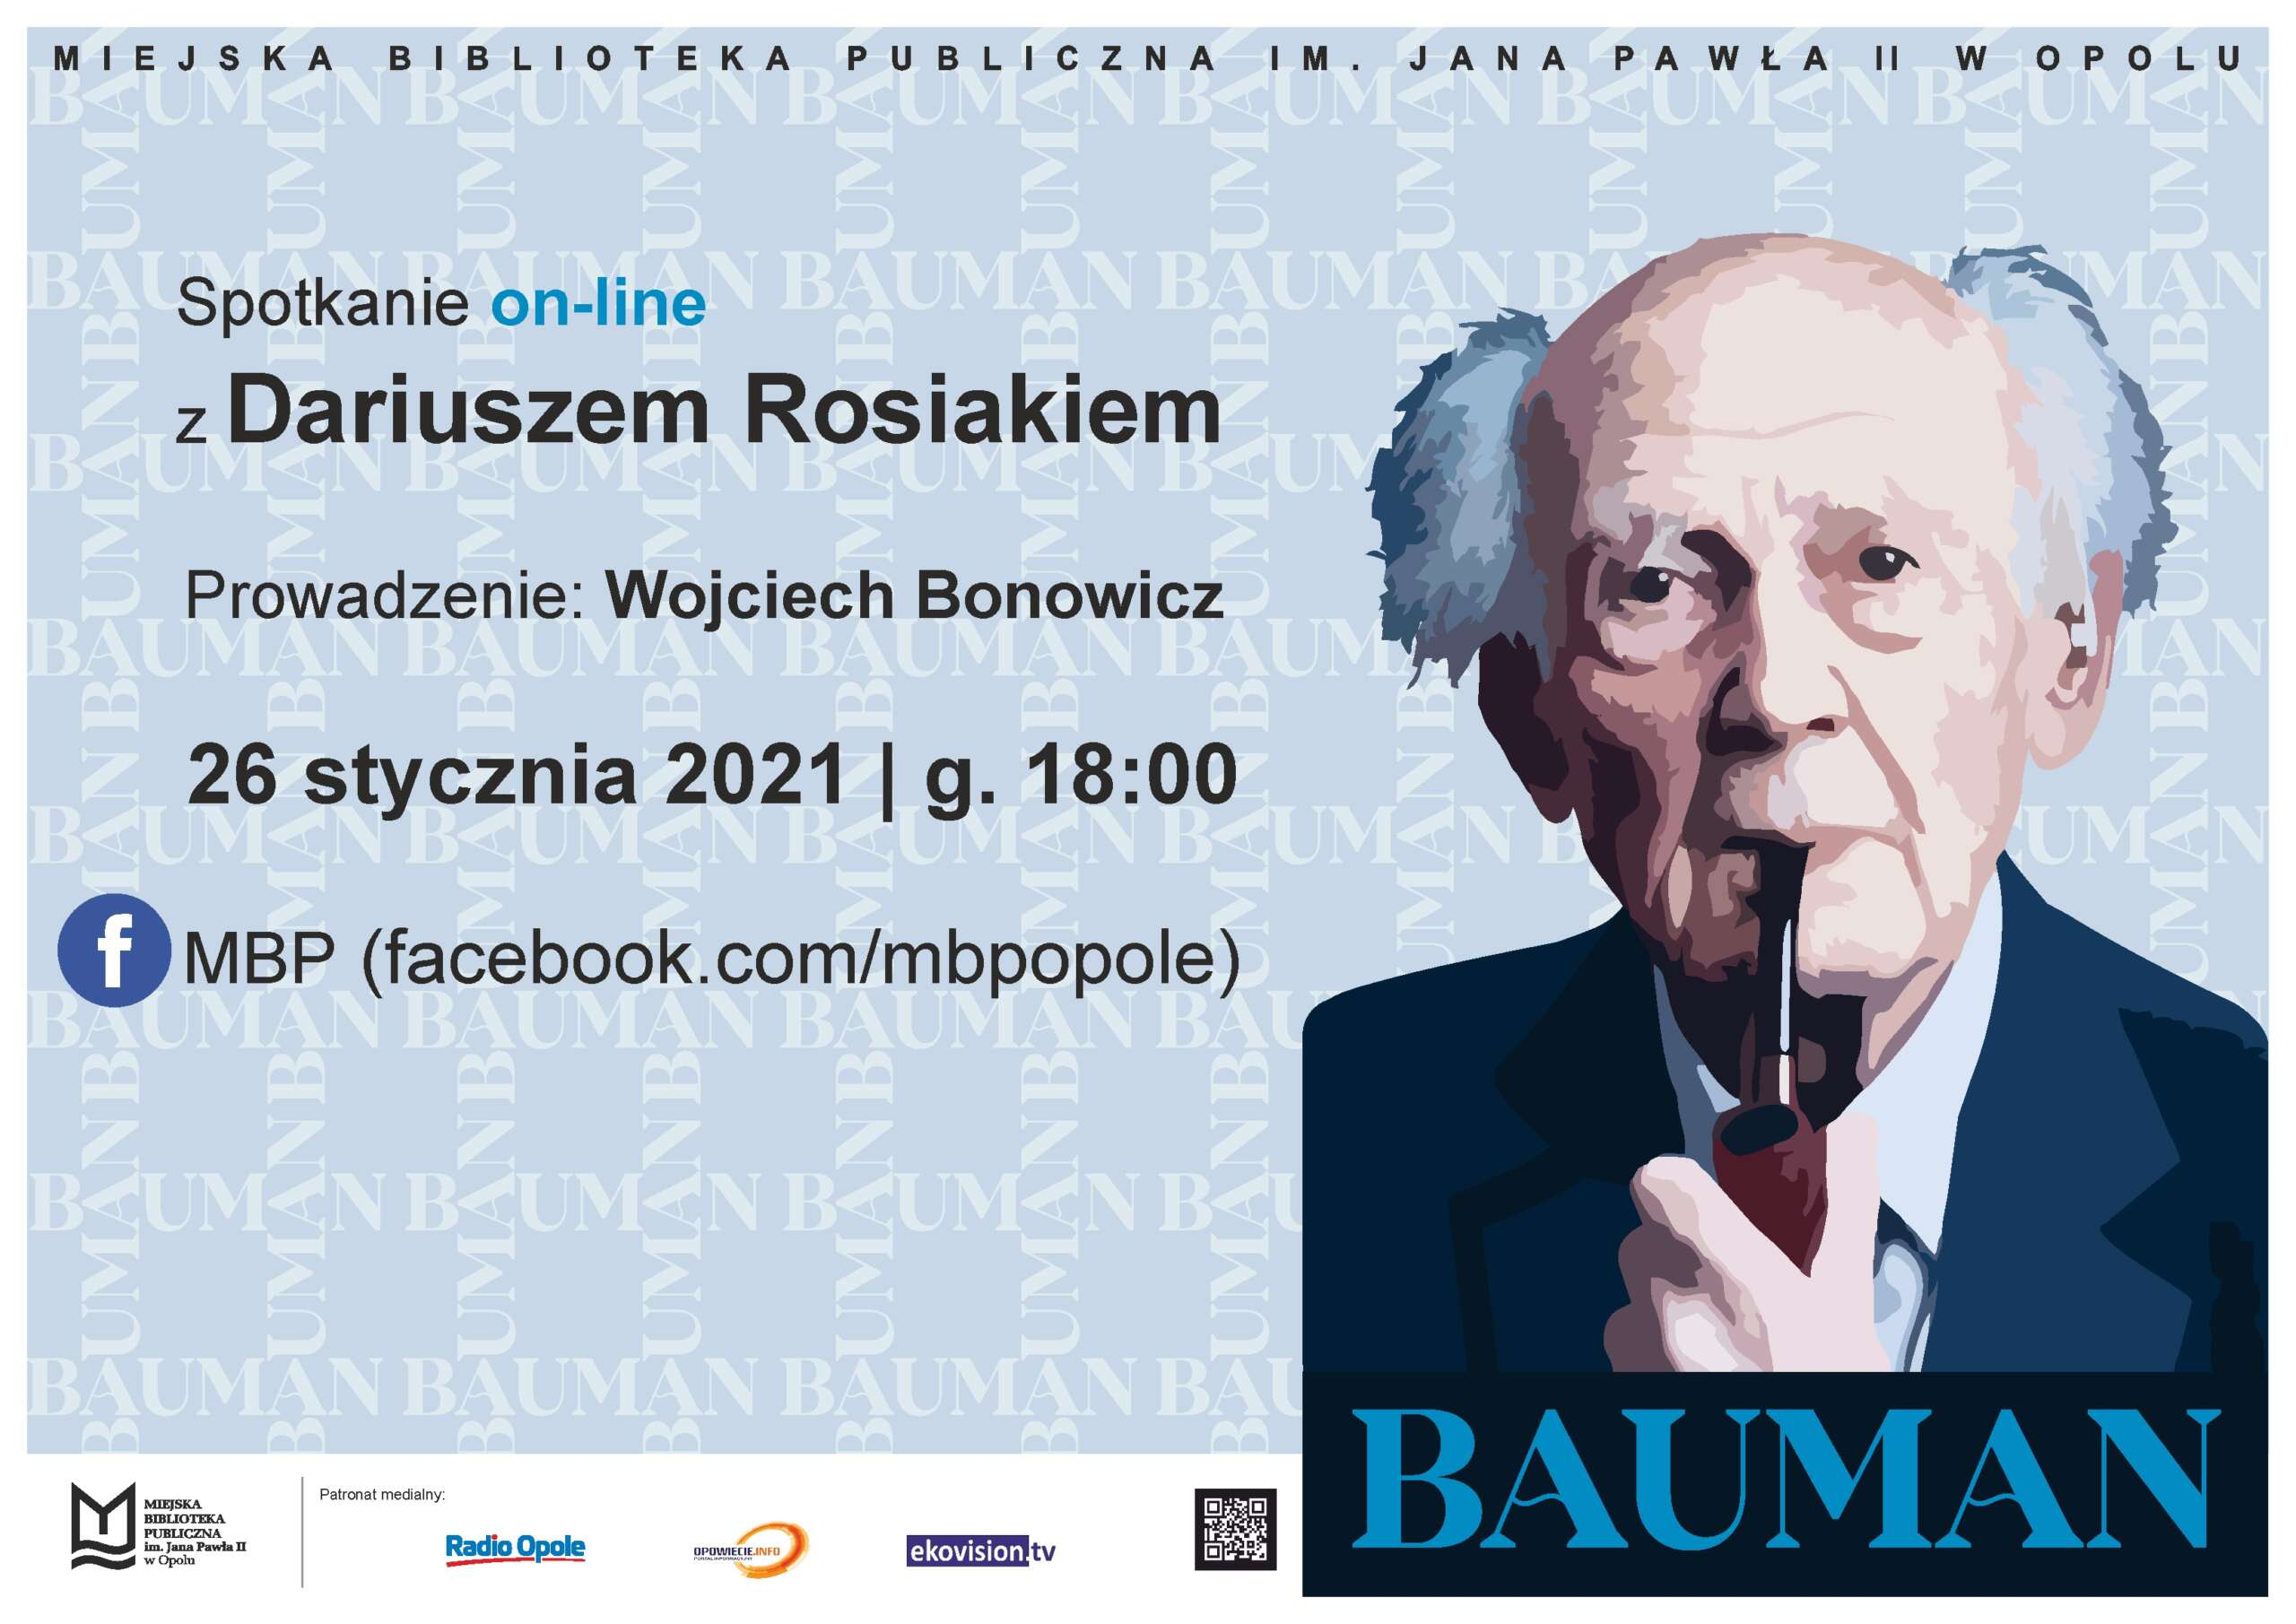 Zygmunt Bauman bohaterem spotkania z Dariuszem Rosiakiem